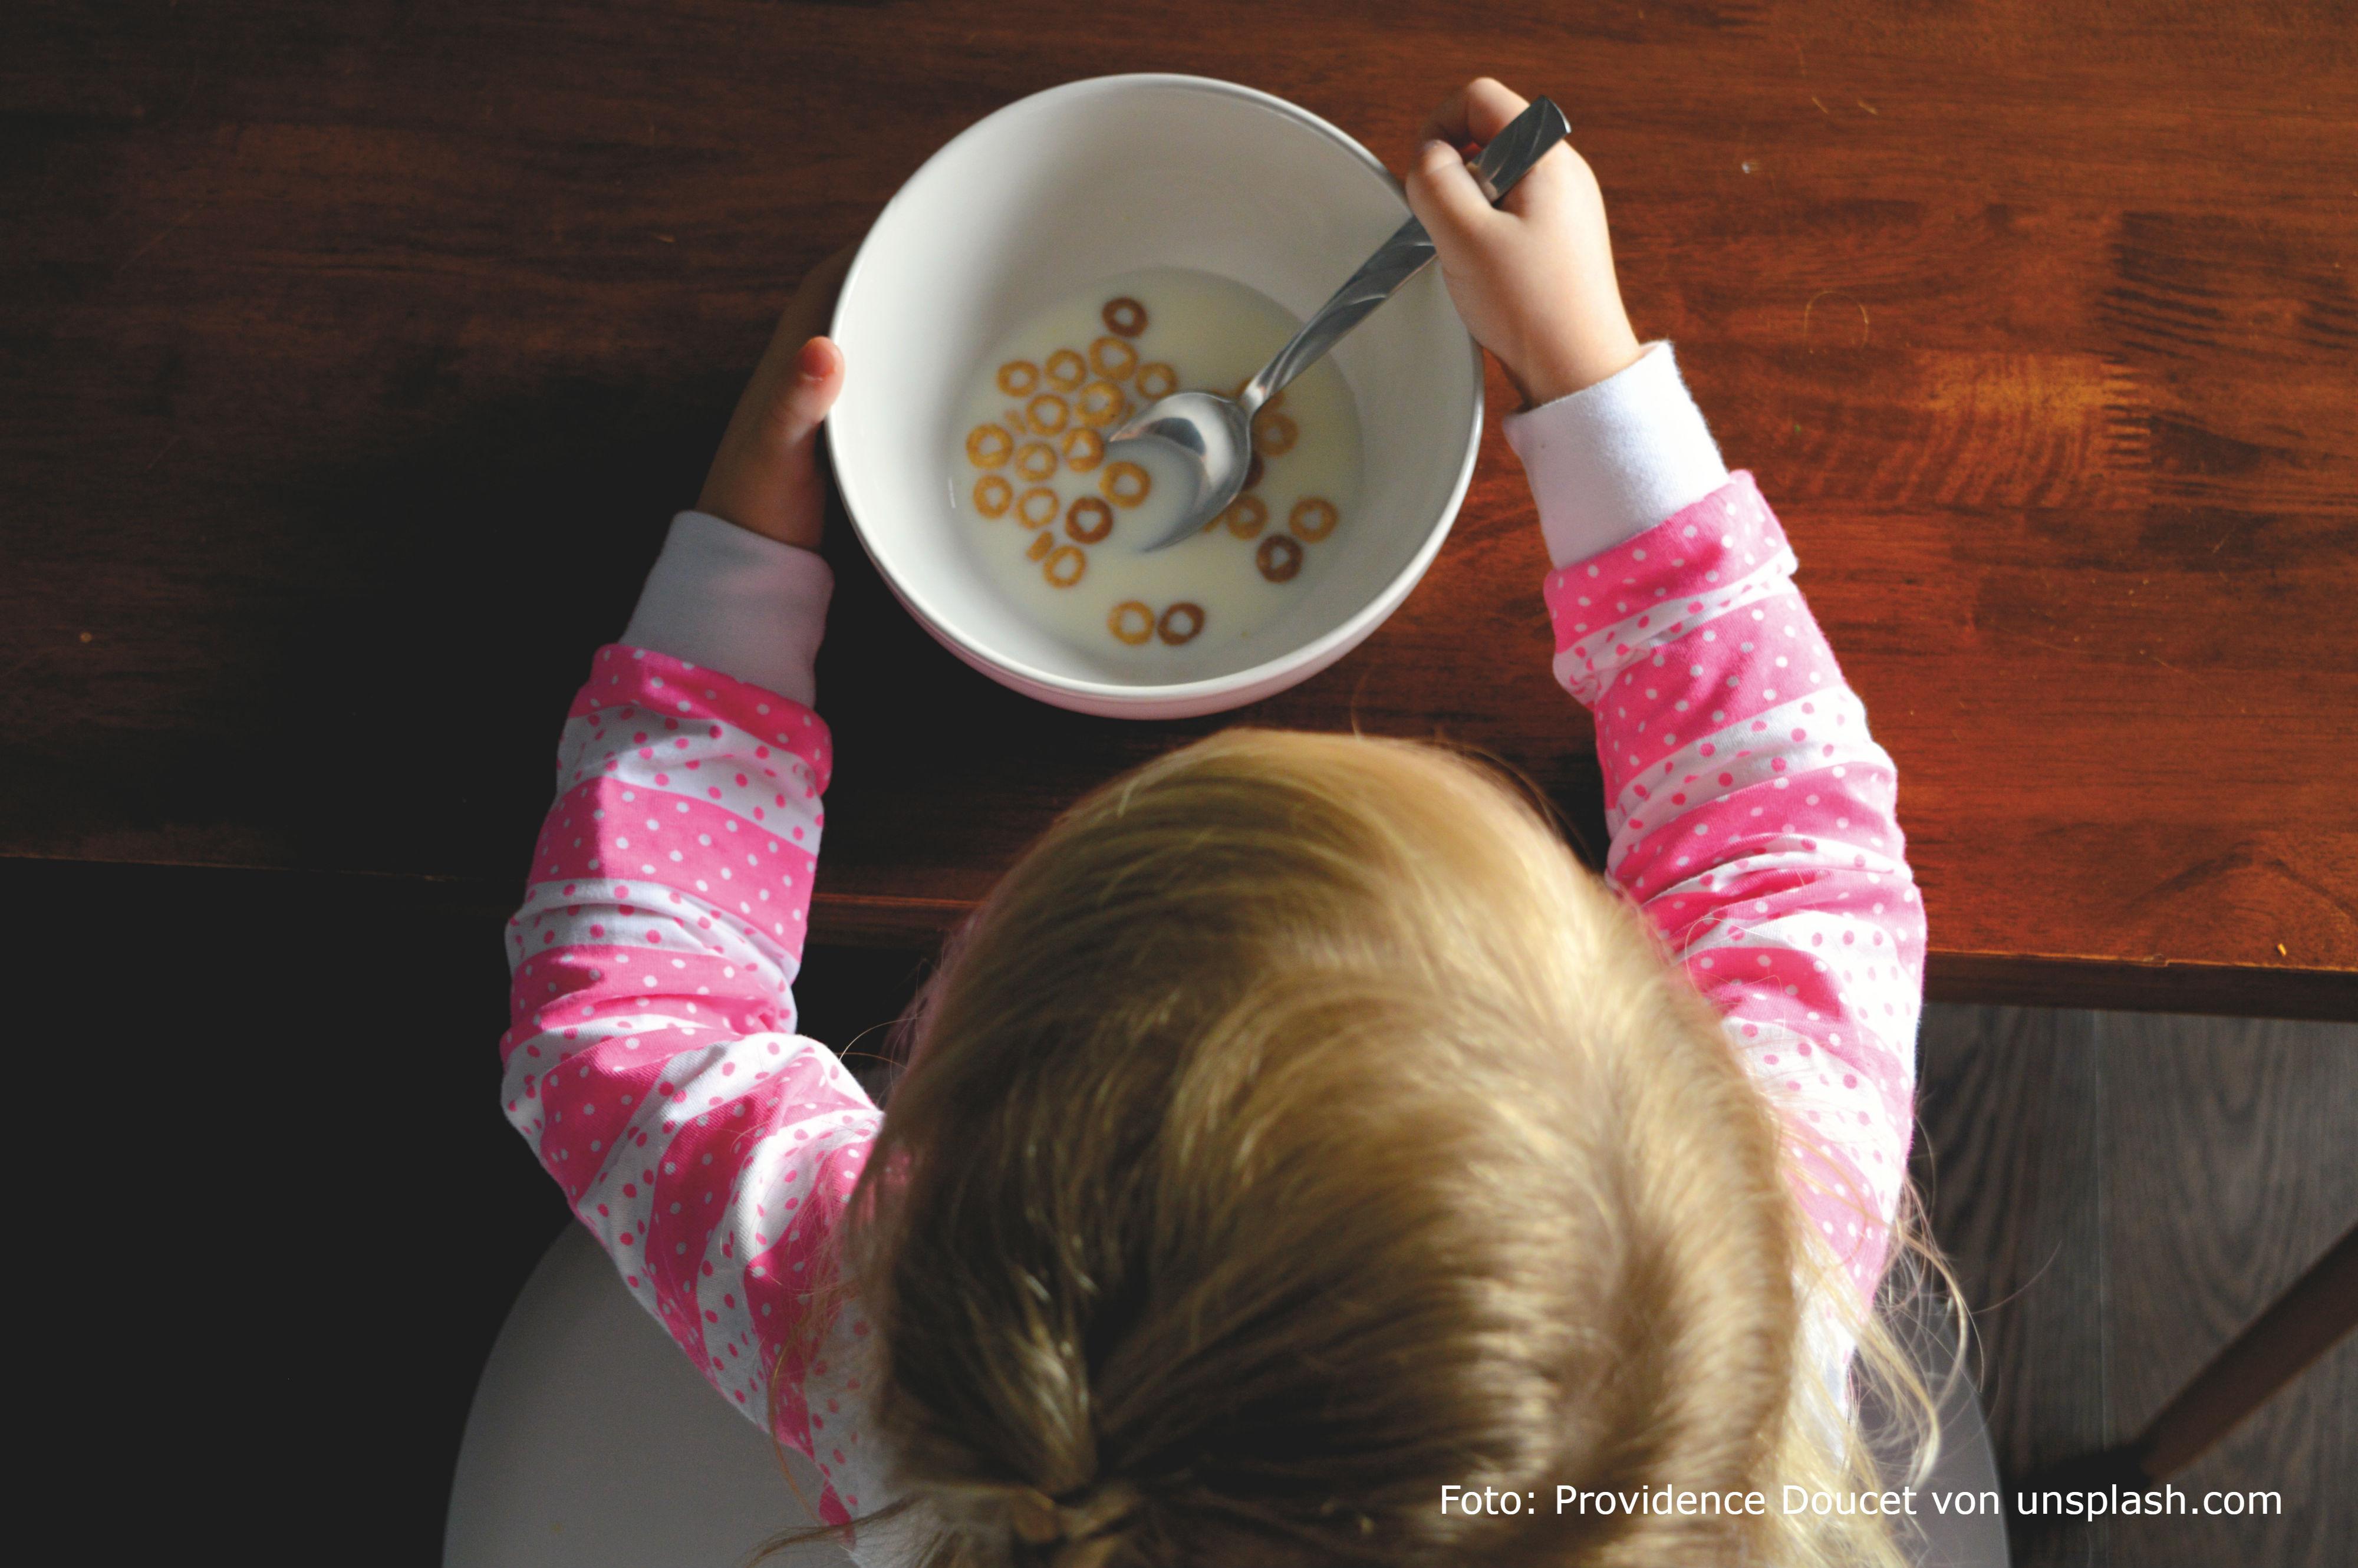 Ich beschloss, den Zuckerkonsum meiner Kinder einzuschränken